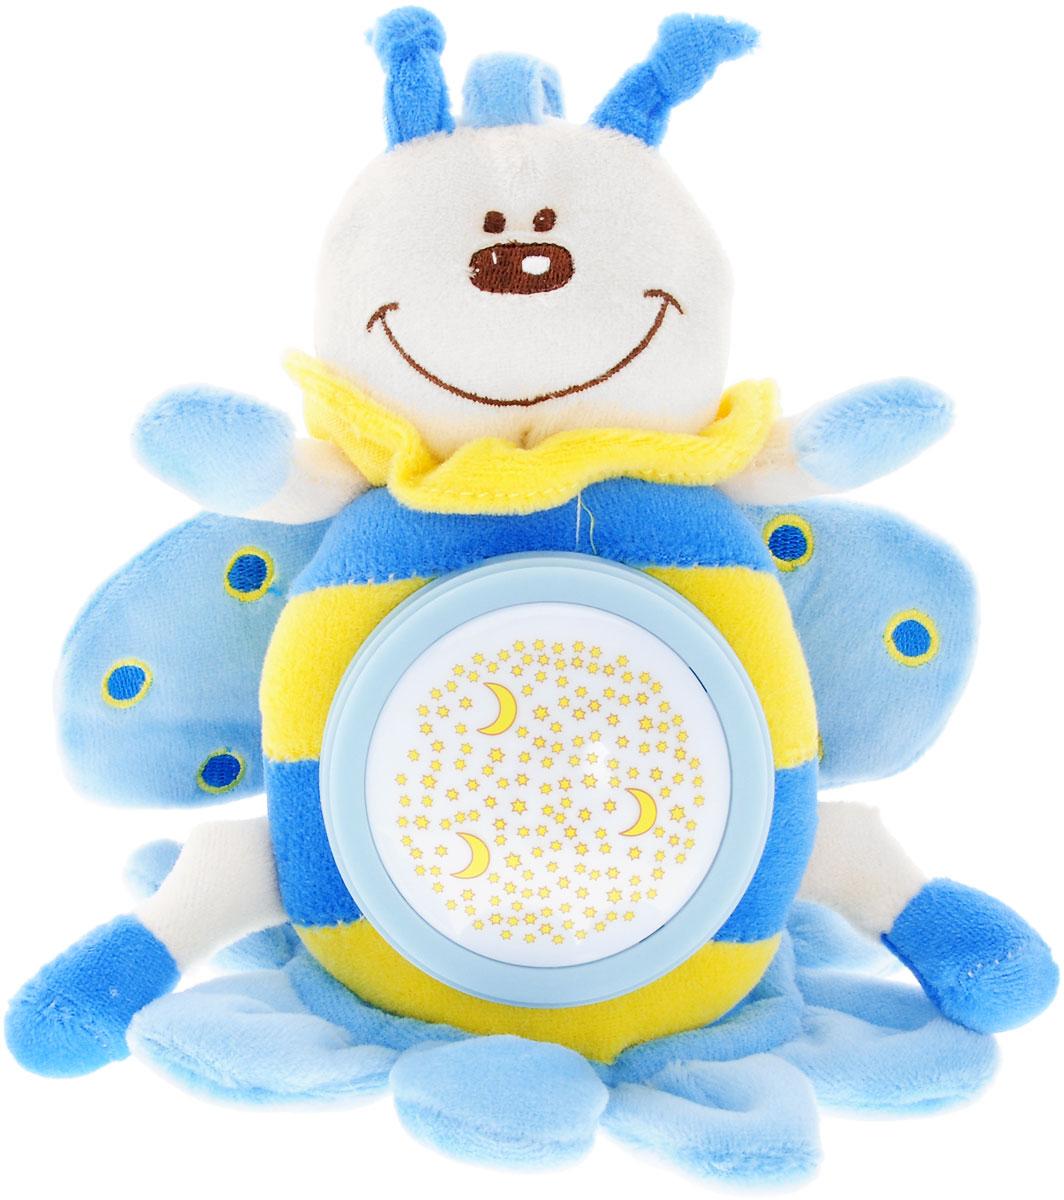 Simba Музыкальная игрушка-подвеска Плюшевые насекомые цвет голубой4019093_голубойМузыкальная игрушка-подвеска Simba Плюшевые насекомые несомненно долго будет интересна вашему малышу. Изготовлена игрушка из приятного на ощупь материала. Это симпатичное и очень милое плюшевое насекомое в виде пчелки станет отличным развлечением для вашего карапуза. С ней можно как просто играть, так и использовать в качестве подвески над кроваткой или в коляске, при помощи специальной ручки, предусмотренной в верхней части. Игрушка воспроизводит довольно продолжительную мелодию (в течение 4 минут) и светится разноцветными лучами. Эта спокойная музыка поможет малышу заснуть. Приятное звучание игрушки концентрирует внимание малыша, развивает слуховое и пространственное восприятие. Яркие контрастные цвета развивают зрительное восприятие. Разнофактурные материалы развивают тактильные ощущения.